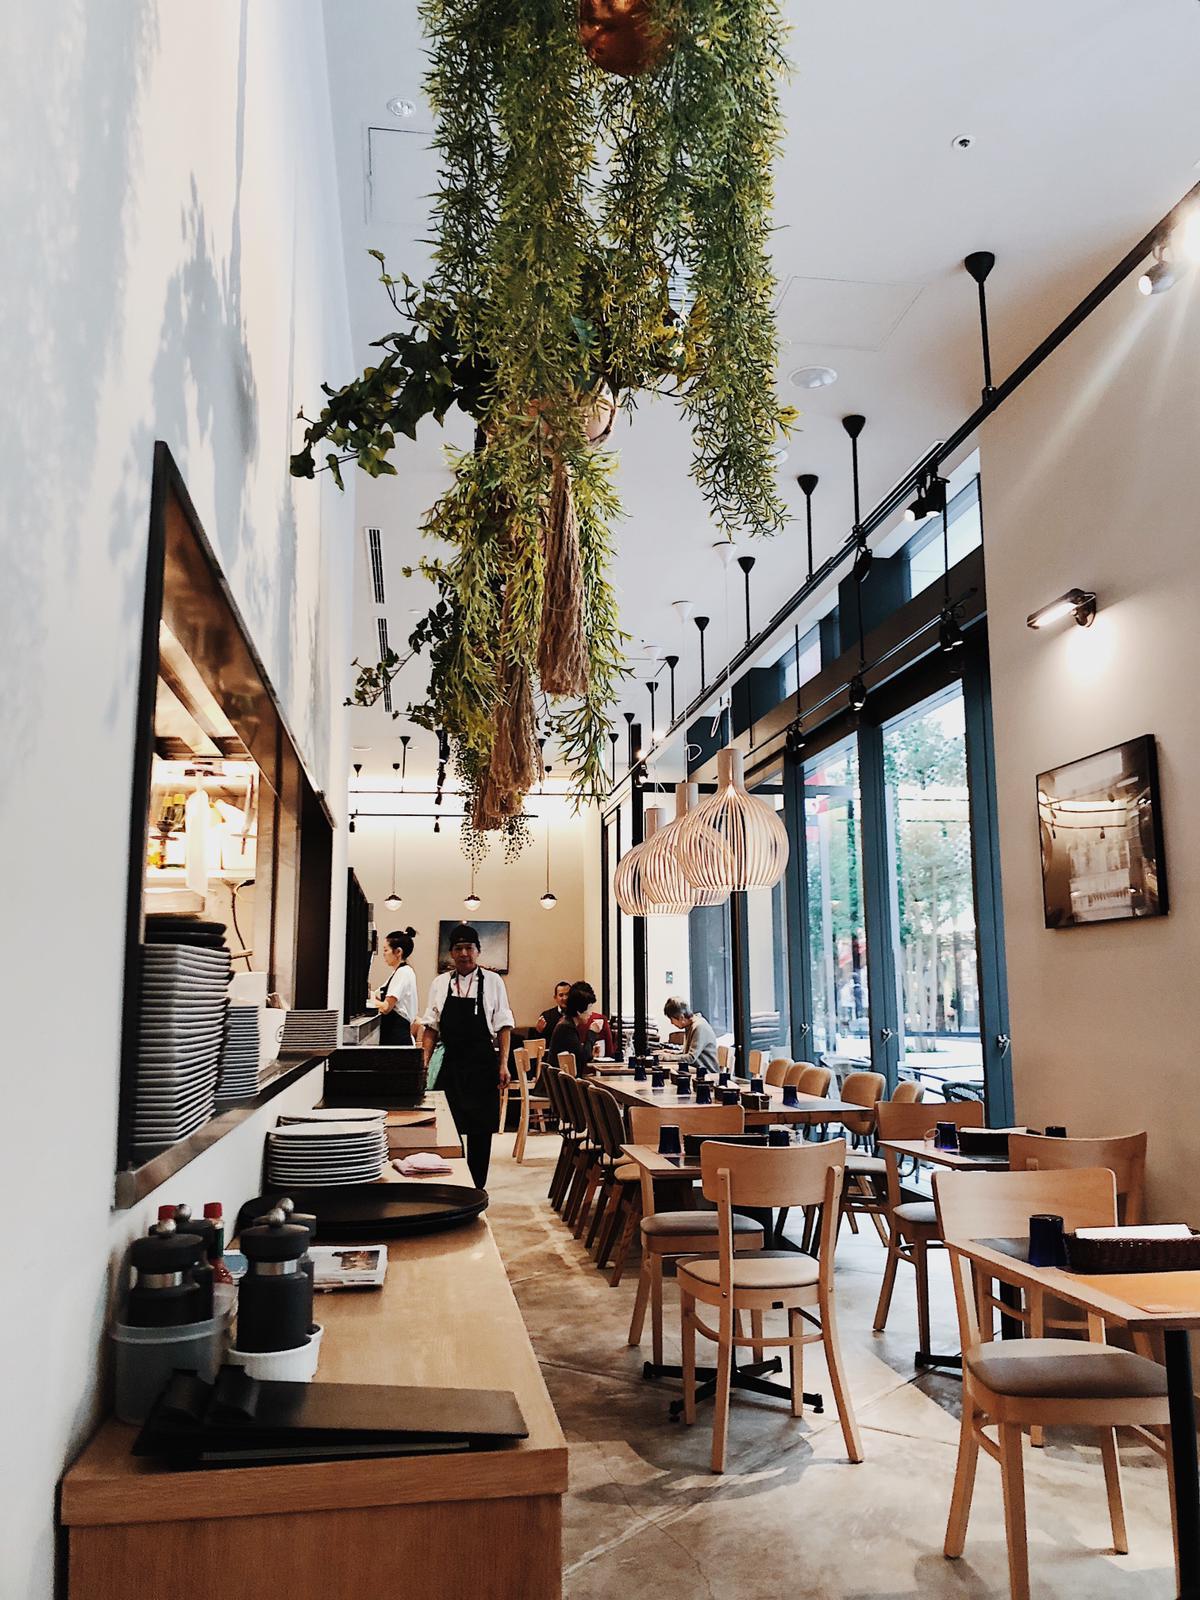 """- BRUNCH:ブランチ、朝食と昼食を兼ね備えた食事、または遅い朝食のこと。オーストラリアの週末では、日常的な習慣としても知られています。このレストラン素晴らしい数々のアイデアは、""""閃き""""と""""情熱""""から全てが始まりました。その""""情熱""""とは、まさに『食』。食の多様性が評価され、世界中で共有されるべきであるというのが、私達の願いでもあり、私達の『哲学』でもあります。2015年、ミンとエディーは、シドニーのとあるカフェでブランチで初めて出会いました。意気投合した2人は、その後何度もブランチミーティングを重ね、『食』に対する情熱を語り合いました。2人のインスピレーションは、今まで味わってきた食べ物、出会ってきた人々、そして『ホーム』であるオーストラリアから来たものです。アイディアが花開き、会話が流れ、2人の営み育んできたオーストラリアでの文化を、日本に再現すべく、特別に作られた料理がここ、『日本橋 高島屋』に集められました。『すべての人々が自信の情熱によって動かされるべきだ』と彼らは言います。N2 Brunch Clubで、是非美味しい食事と楽しいひとときをお過ごしください。"""